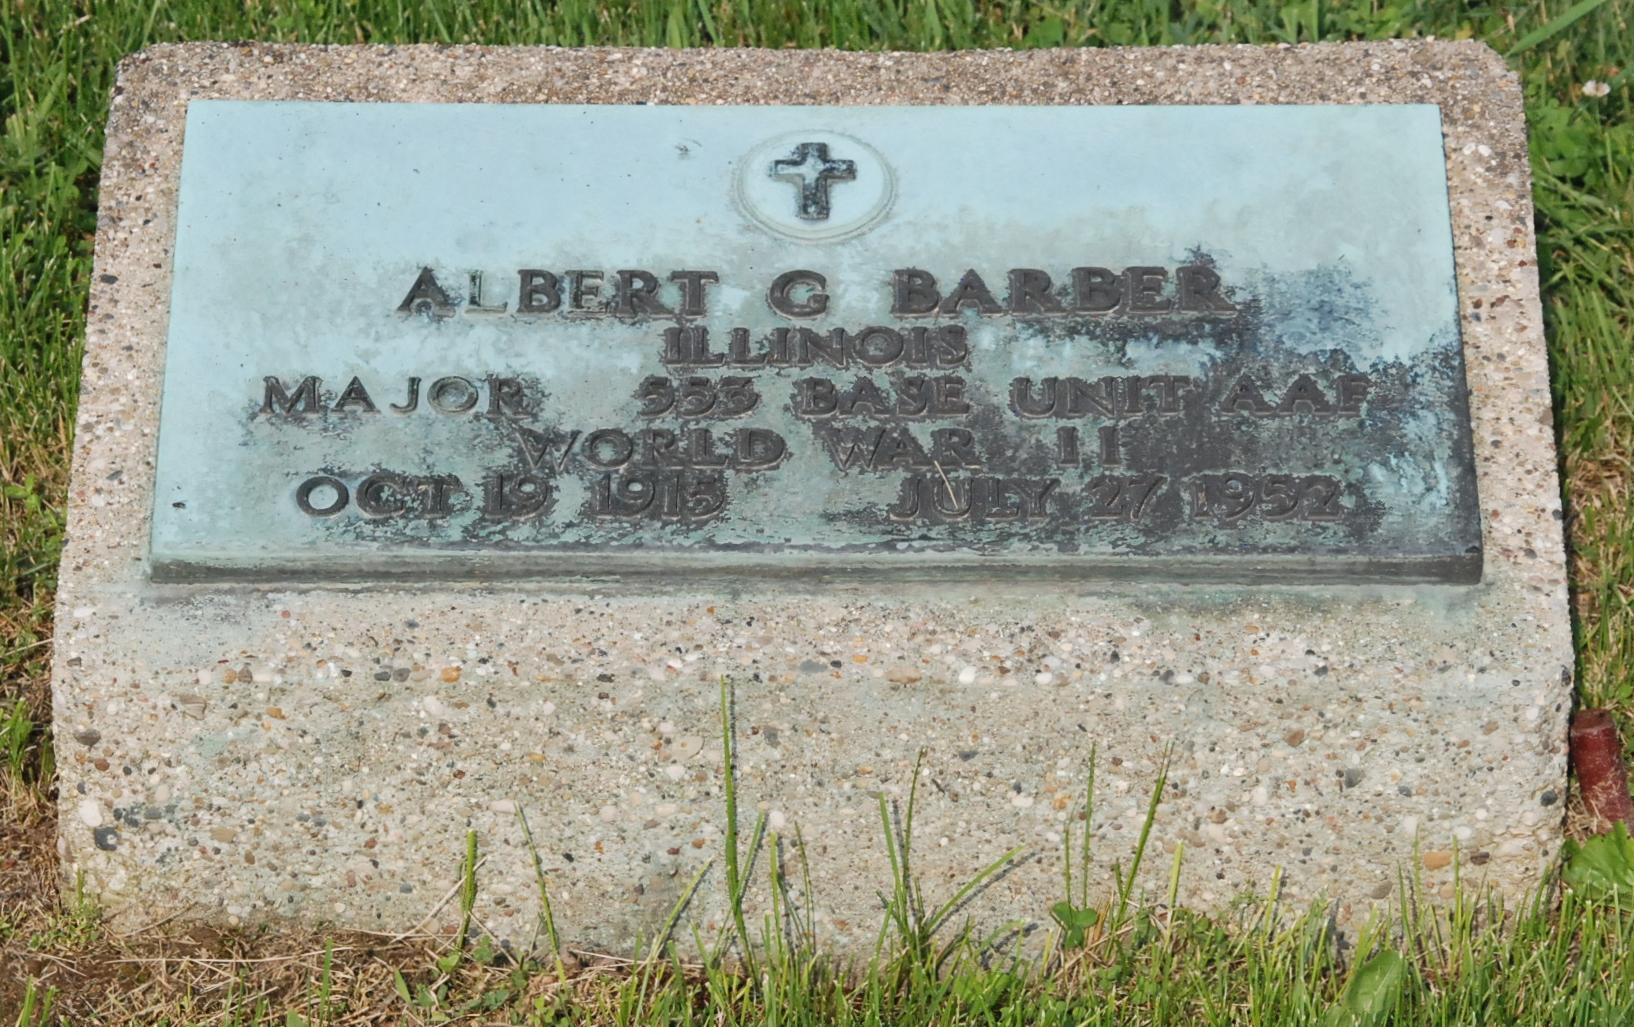 Albert Gould Barber